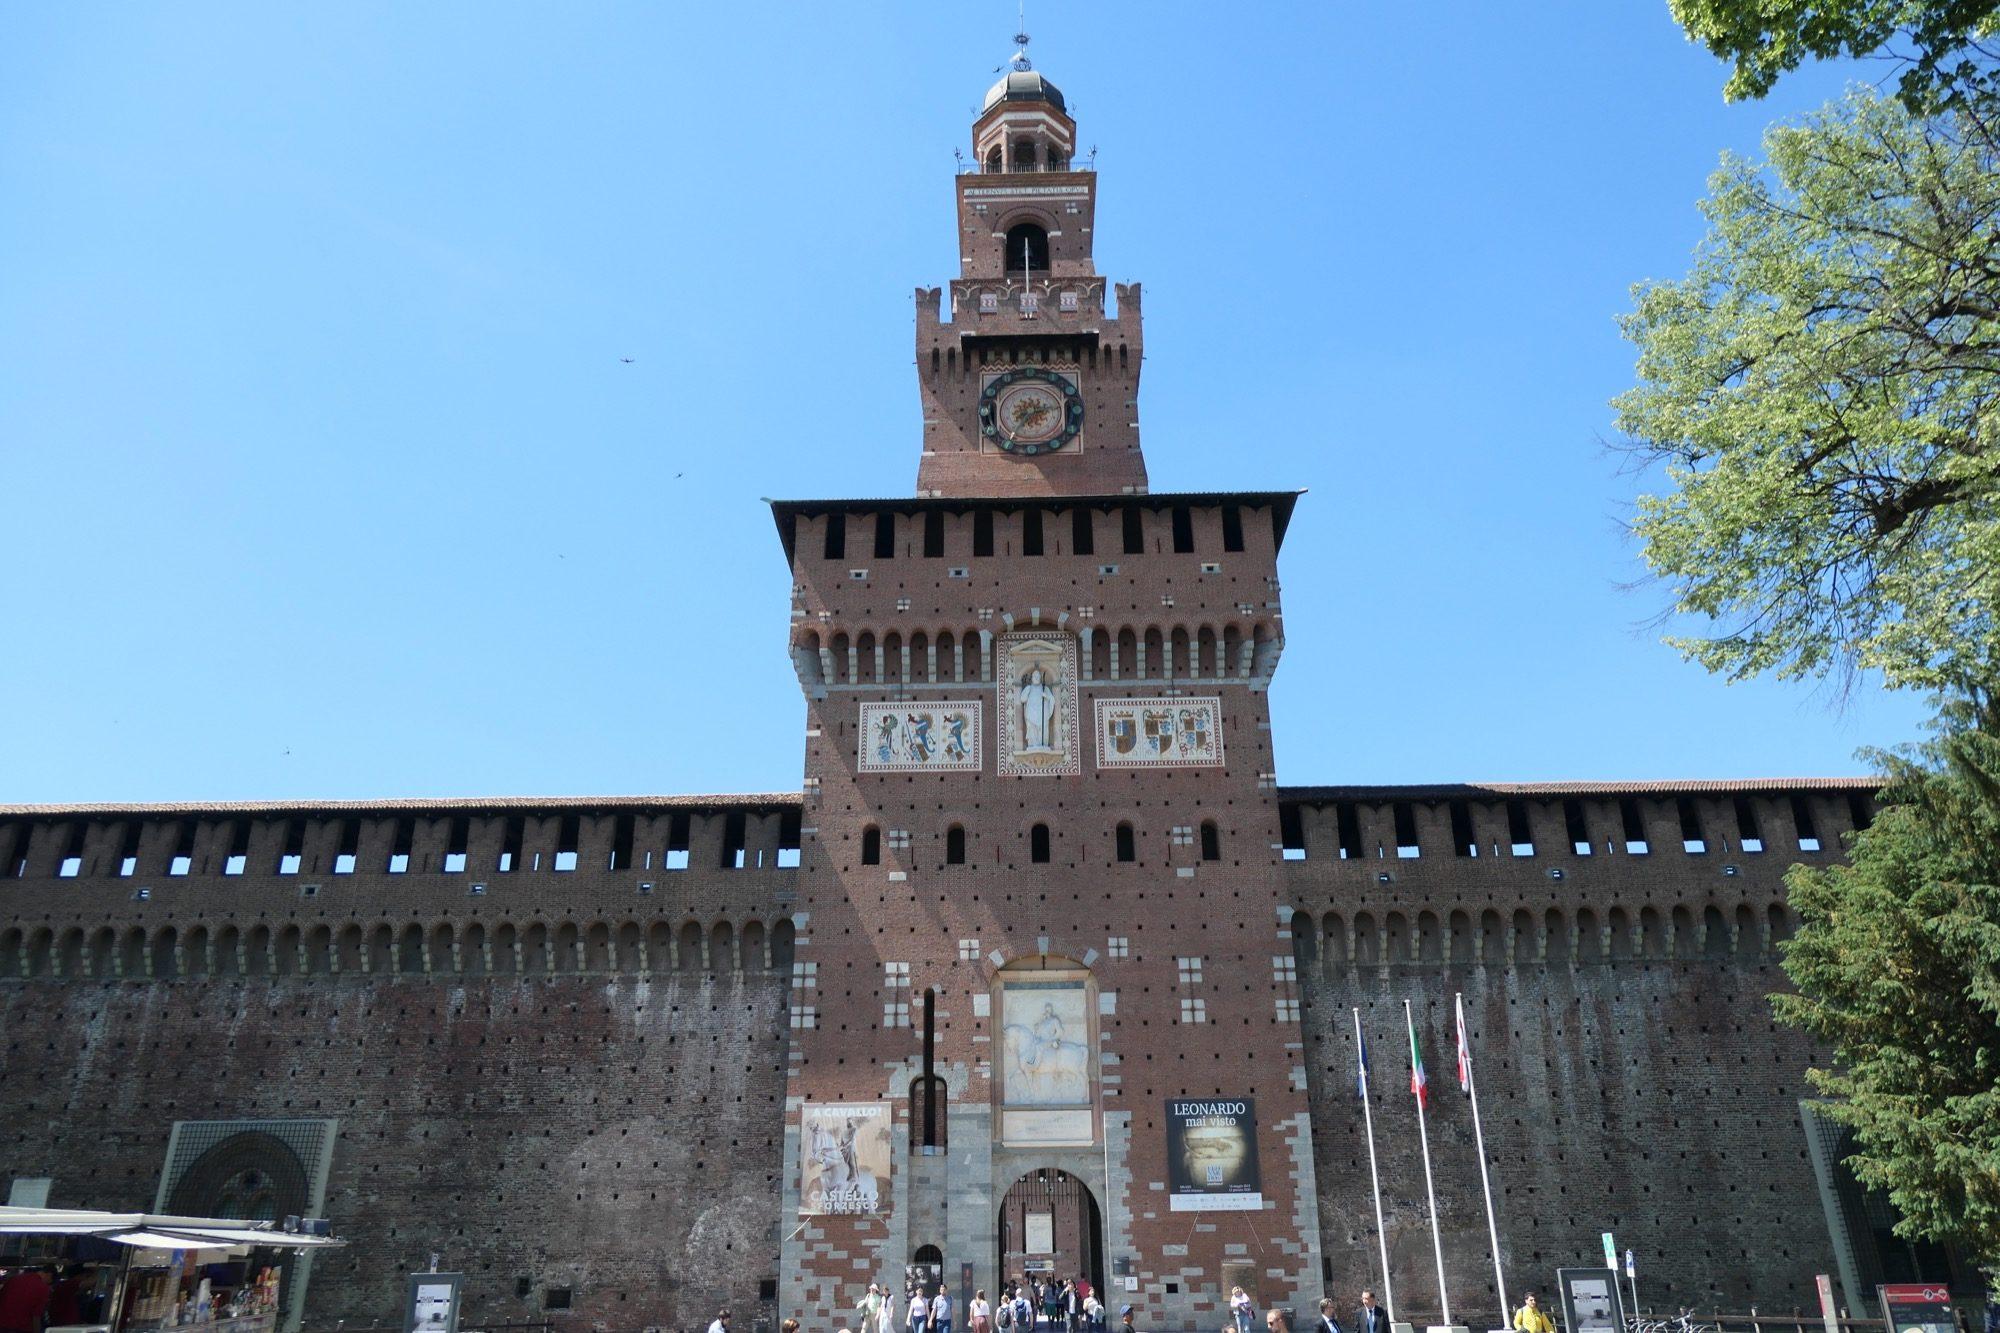 Main gate at Sforza Castle